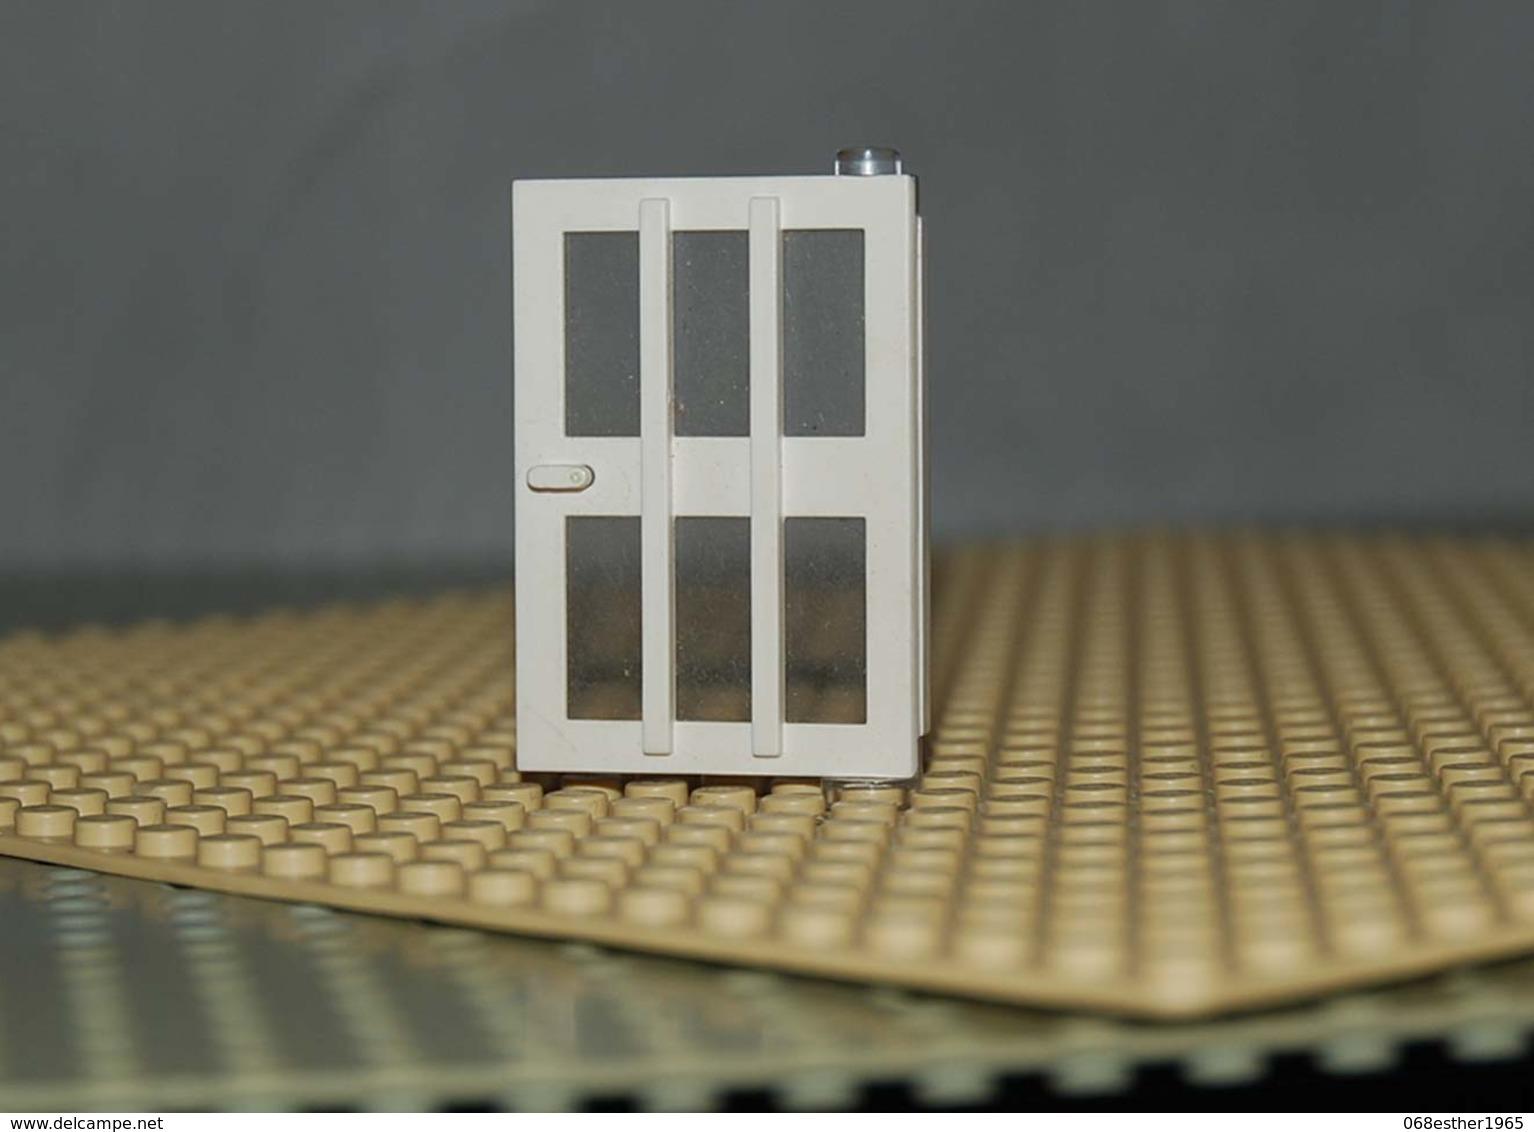 Lego Porte Blanche Droite 1x4x5 Avec Vitre Et 6 Carreaux Ref 73312 - Lego Technic